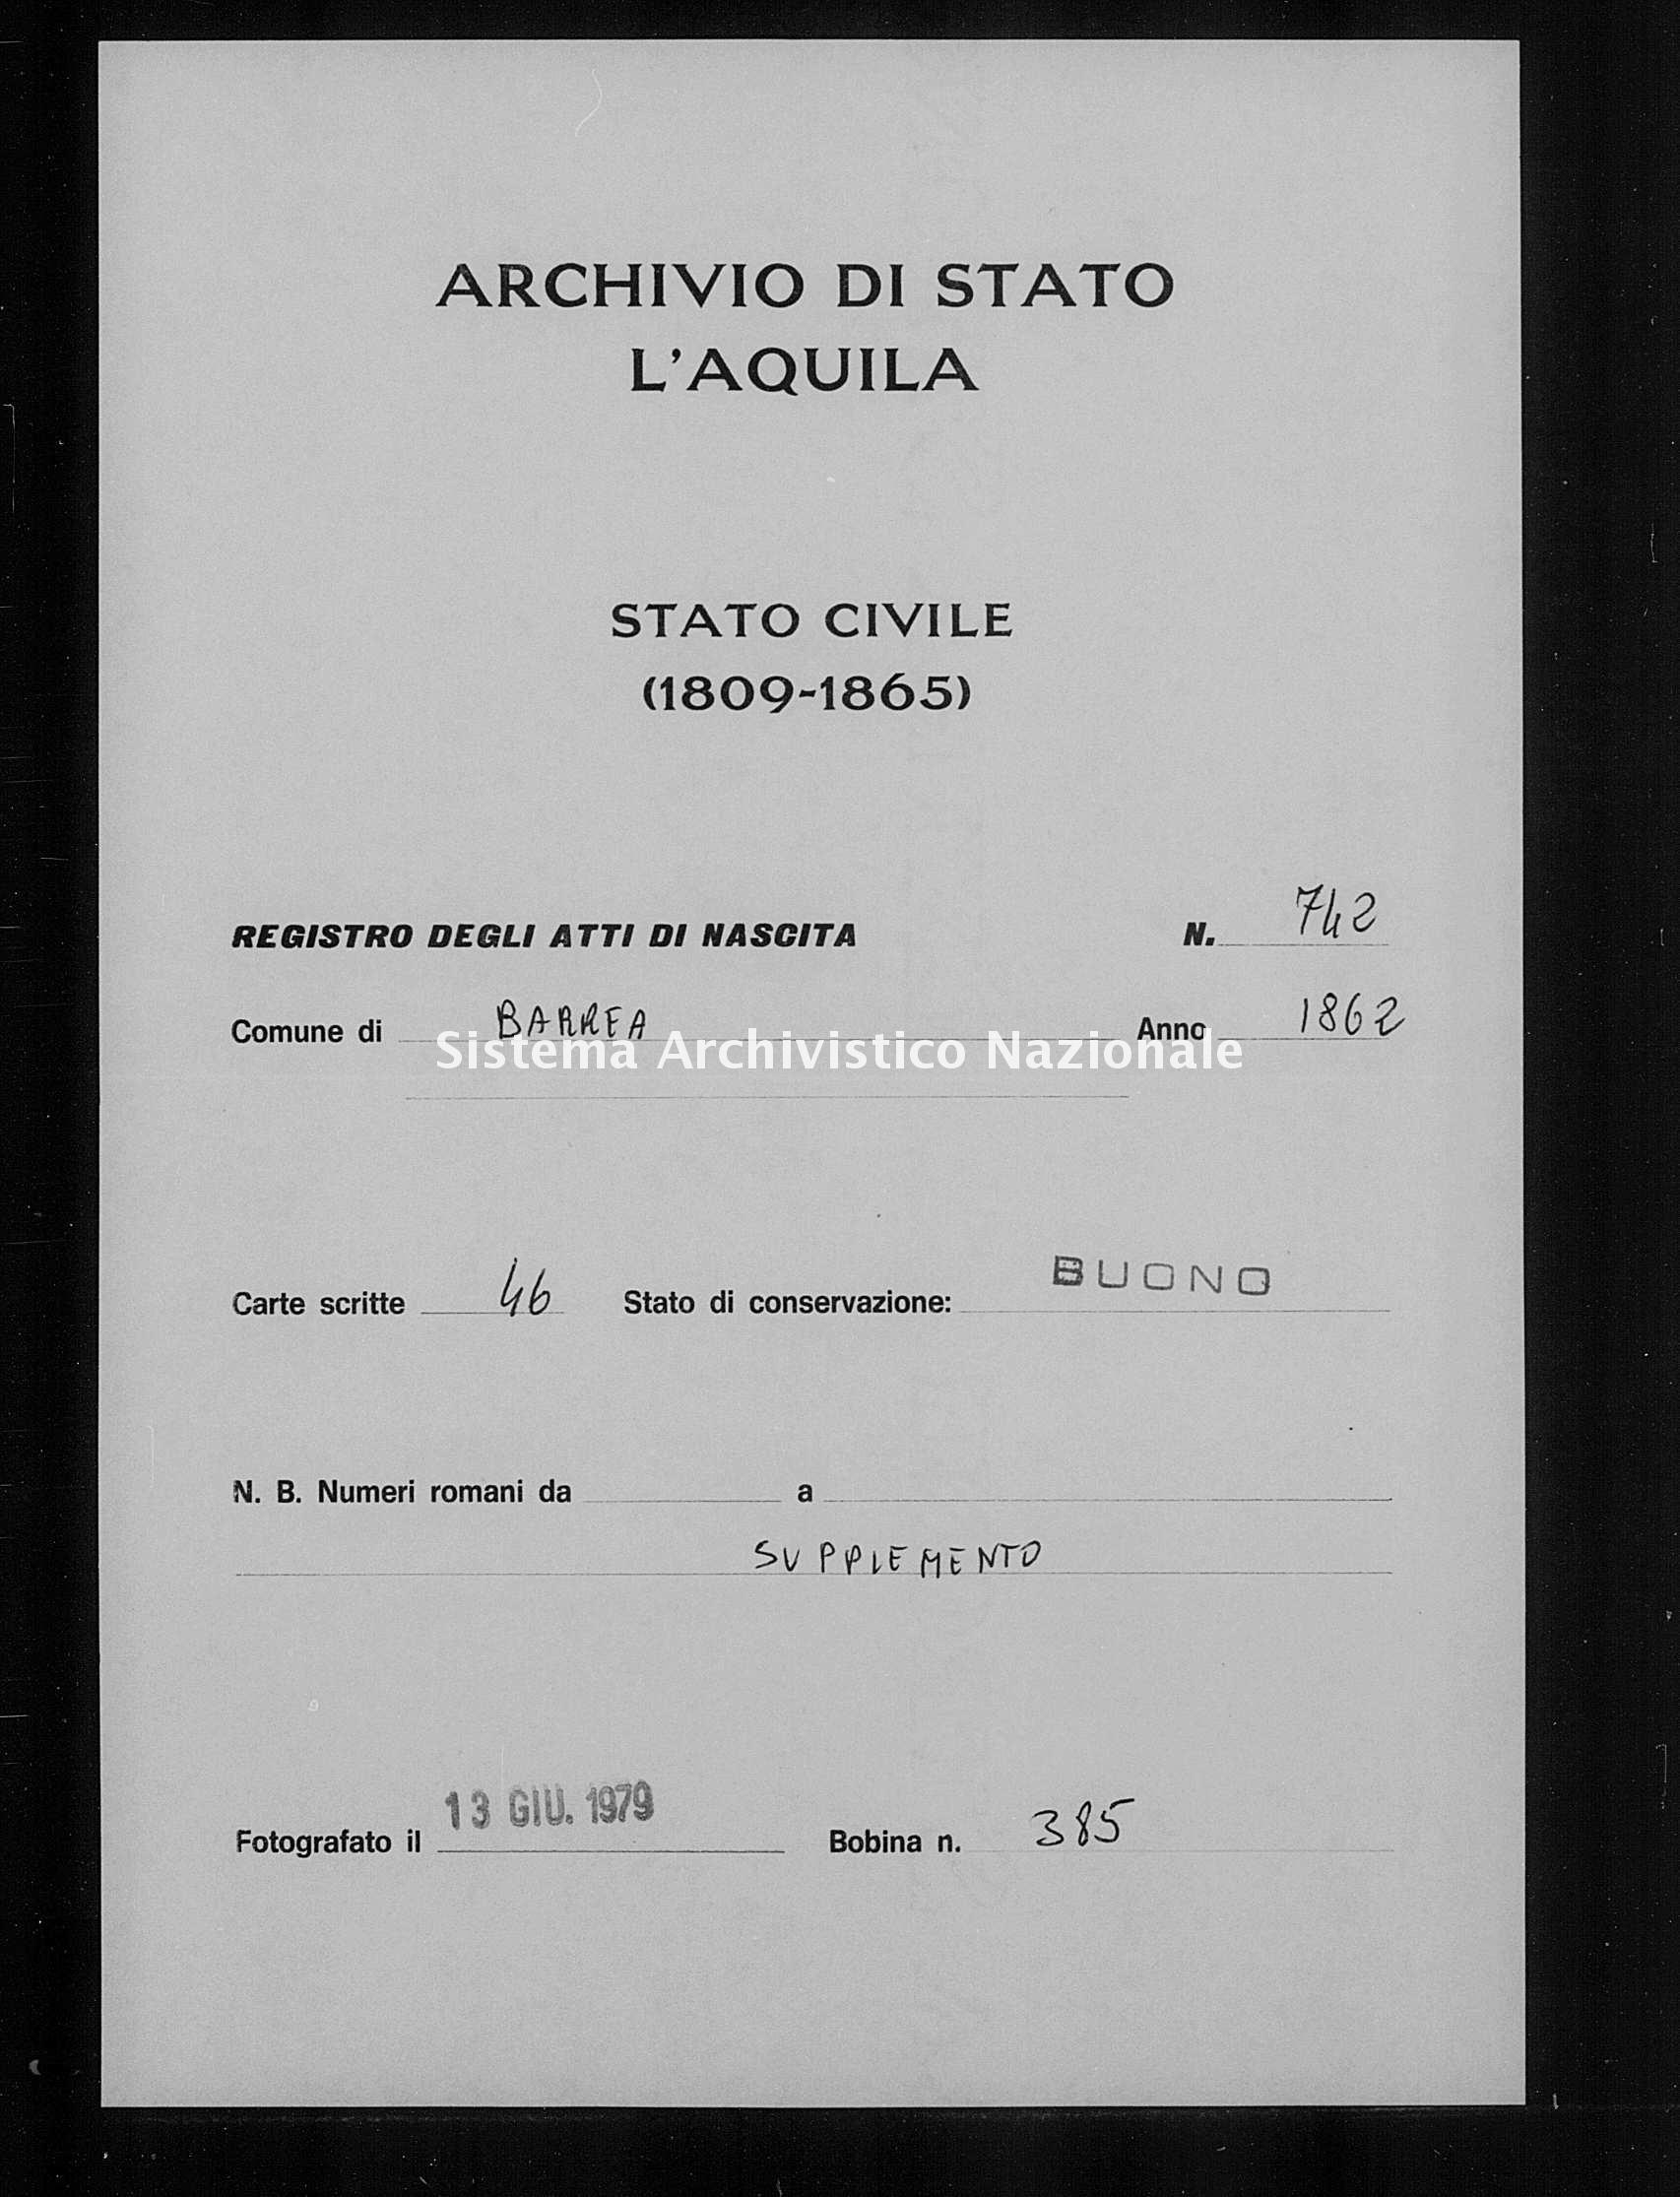 Archivio di stato di L'aquila - Stato civile italiano - Barrea - Nati, battesimi - 1862 - 762 -